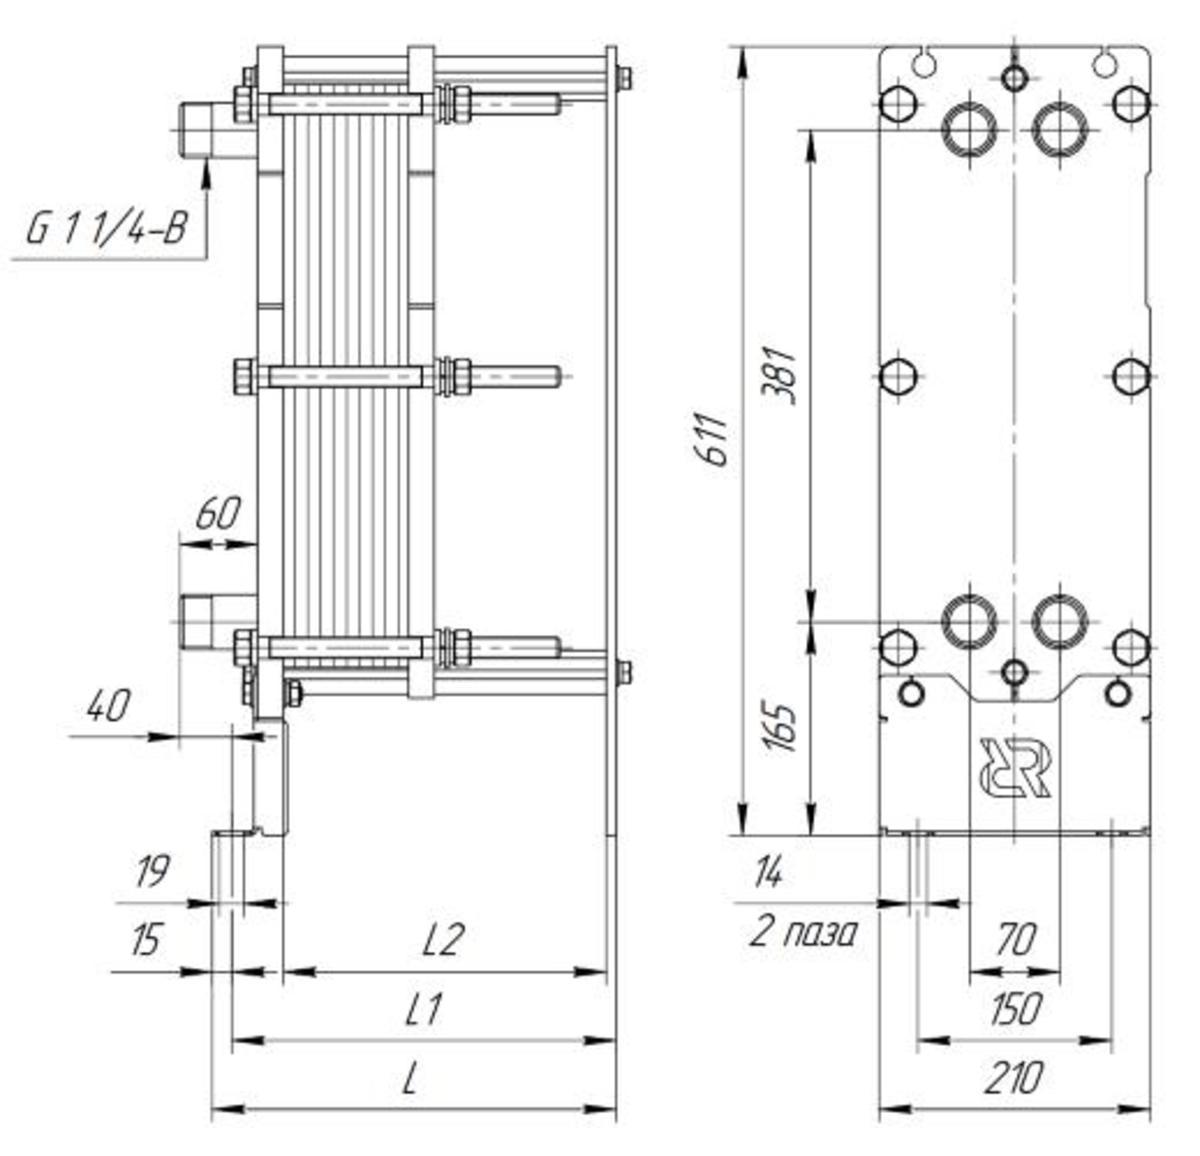 Теплообменник ридан нн 8а характеристики Паяный теплообменник Zilmet ZB 700 Чебоксары